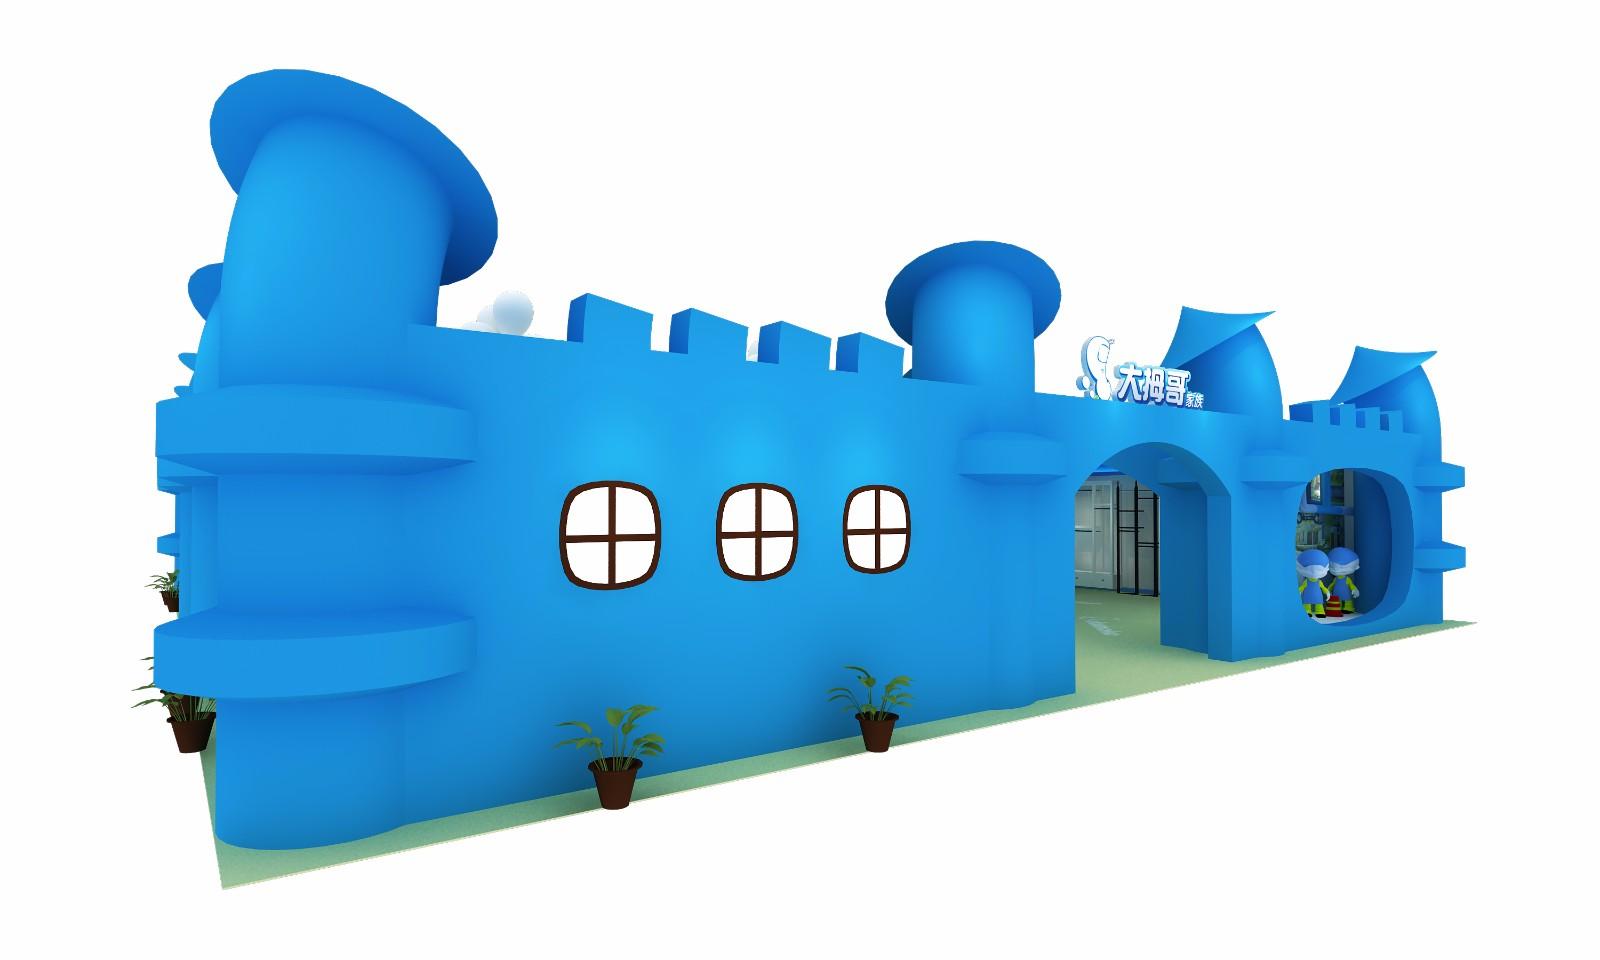 大拇哥|展览特装-厦门市嘉维世纪会展服务有限公司